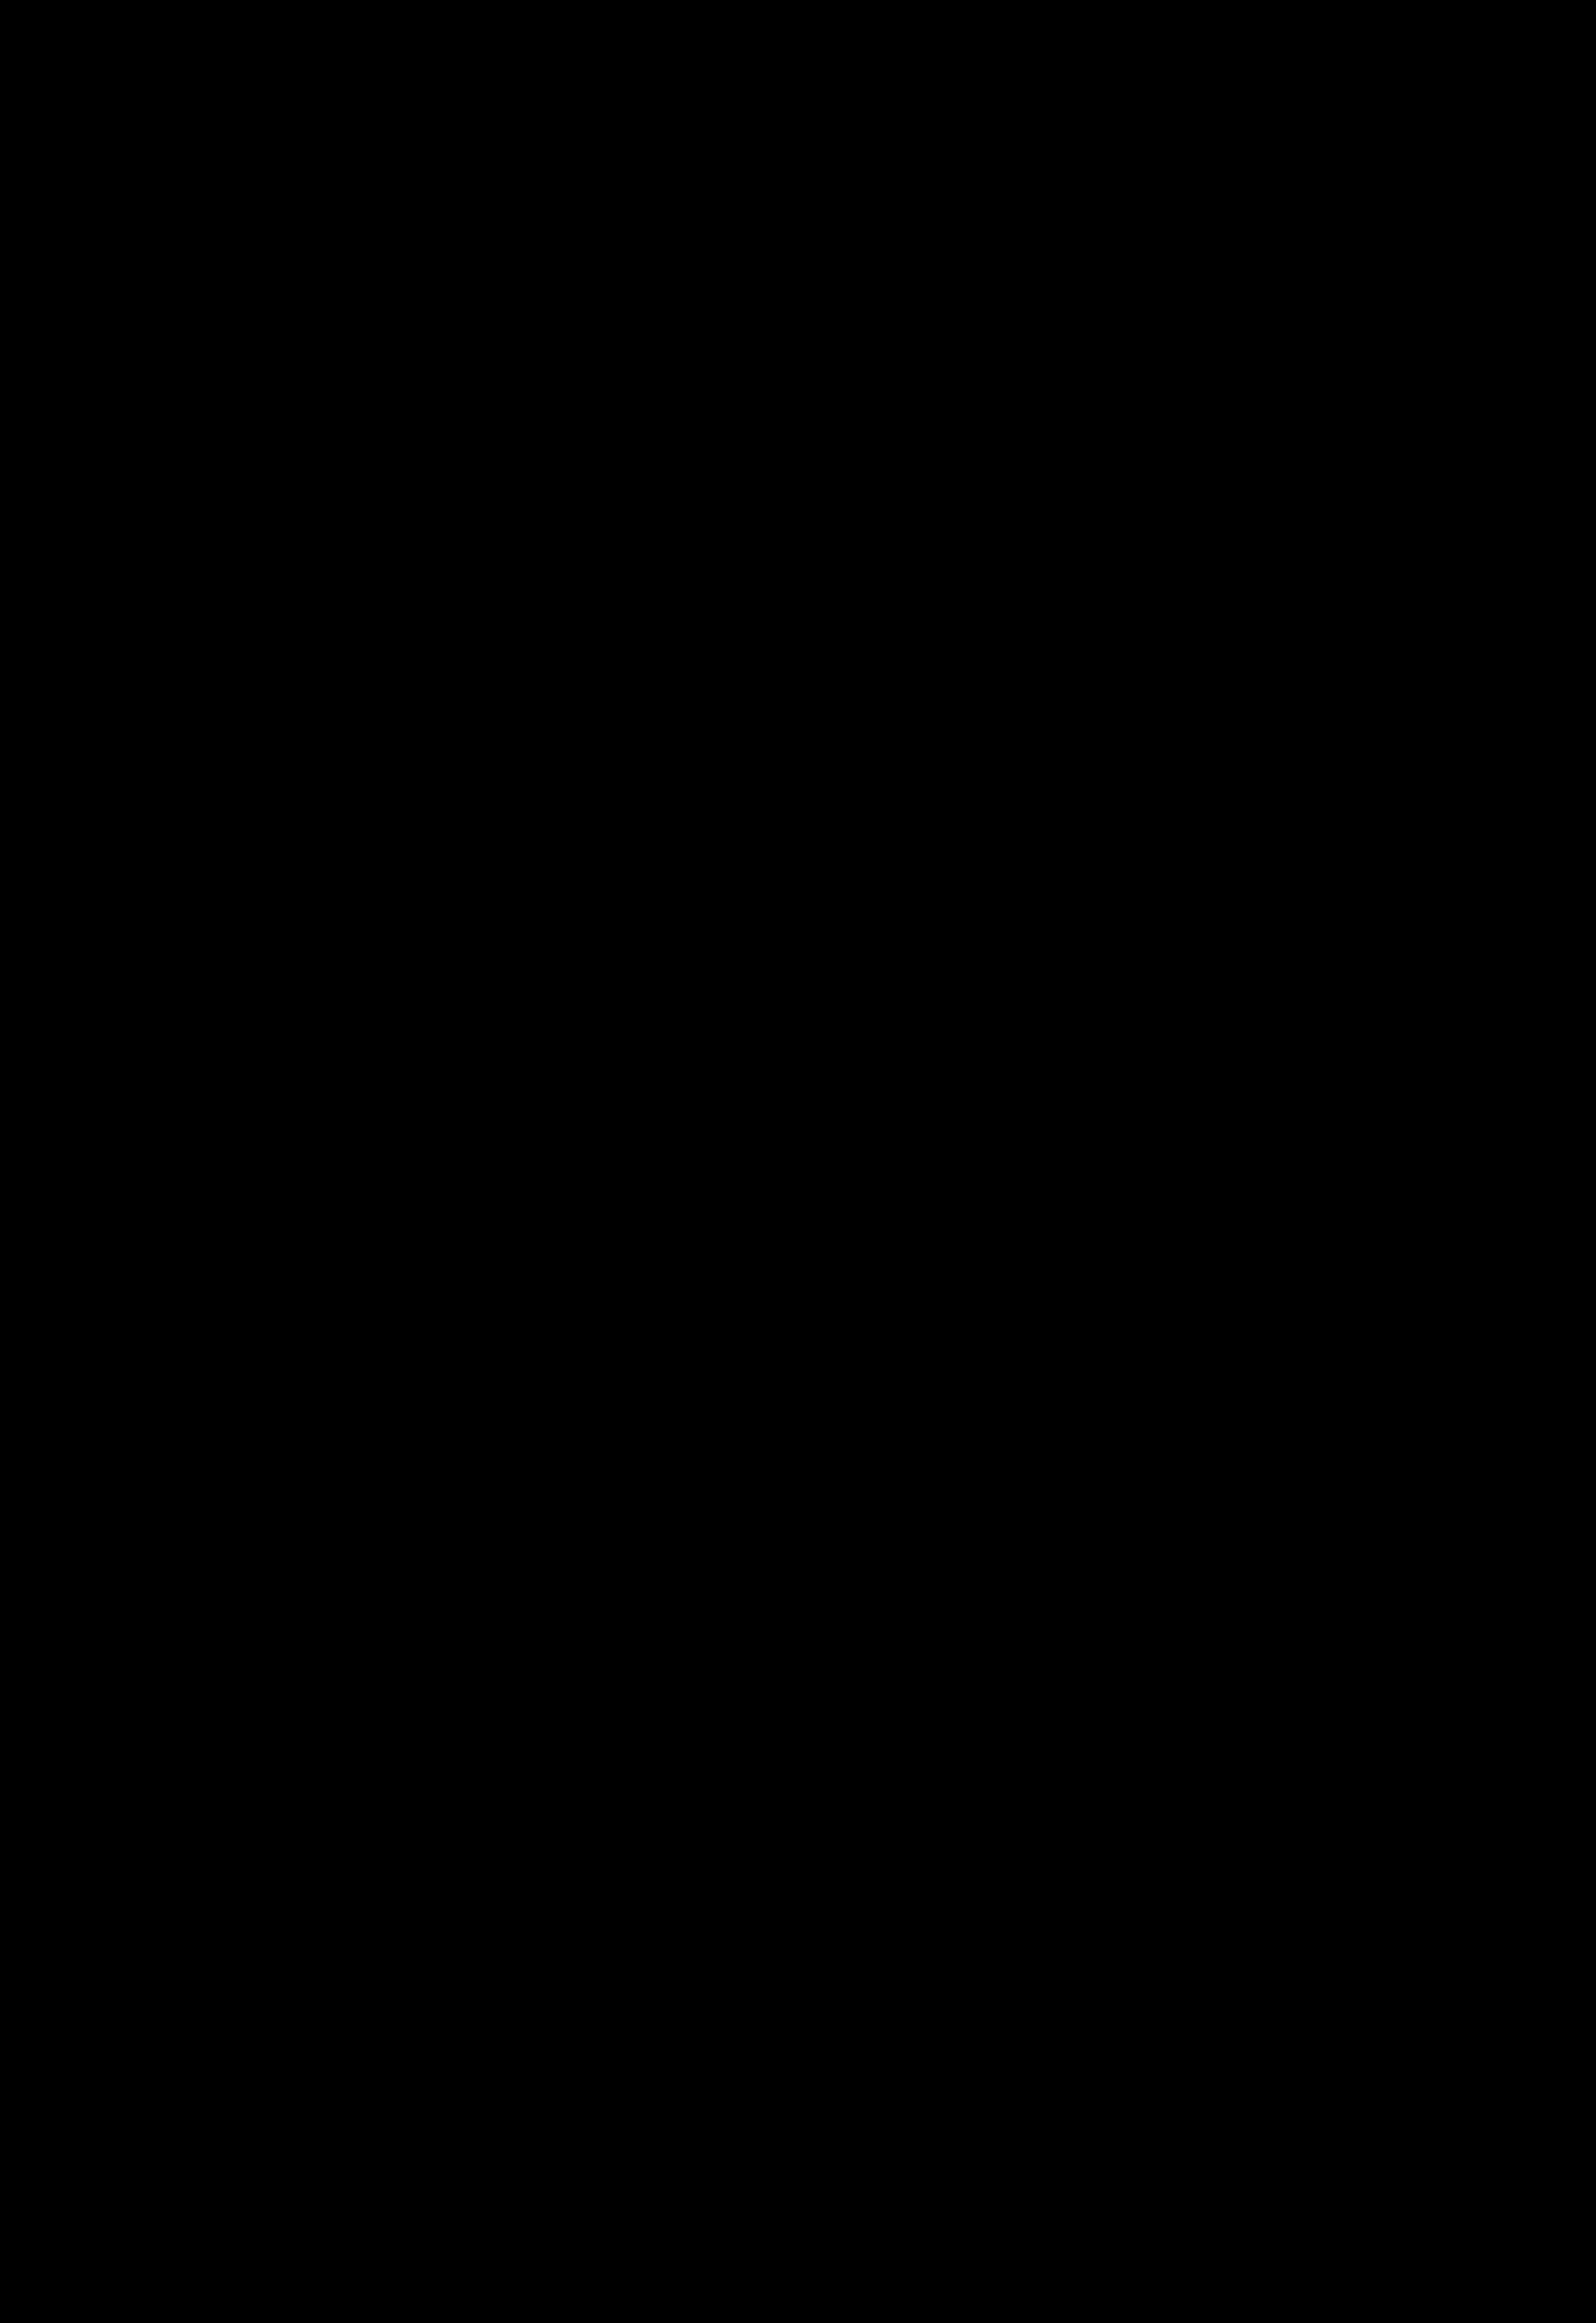 201202防火管理学習会に係る広報文(広報誌掲載内容).jpg